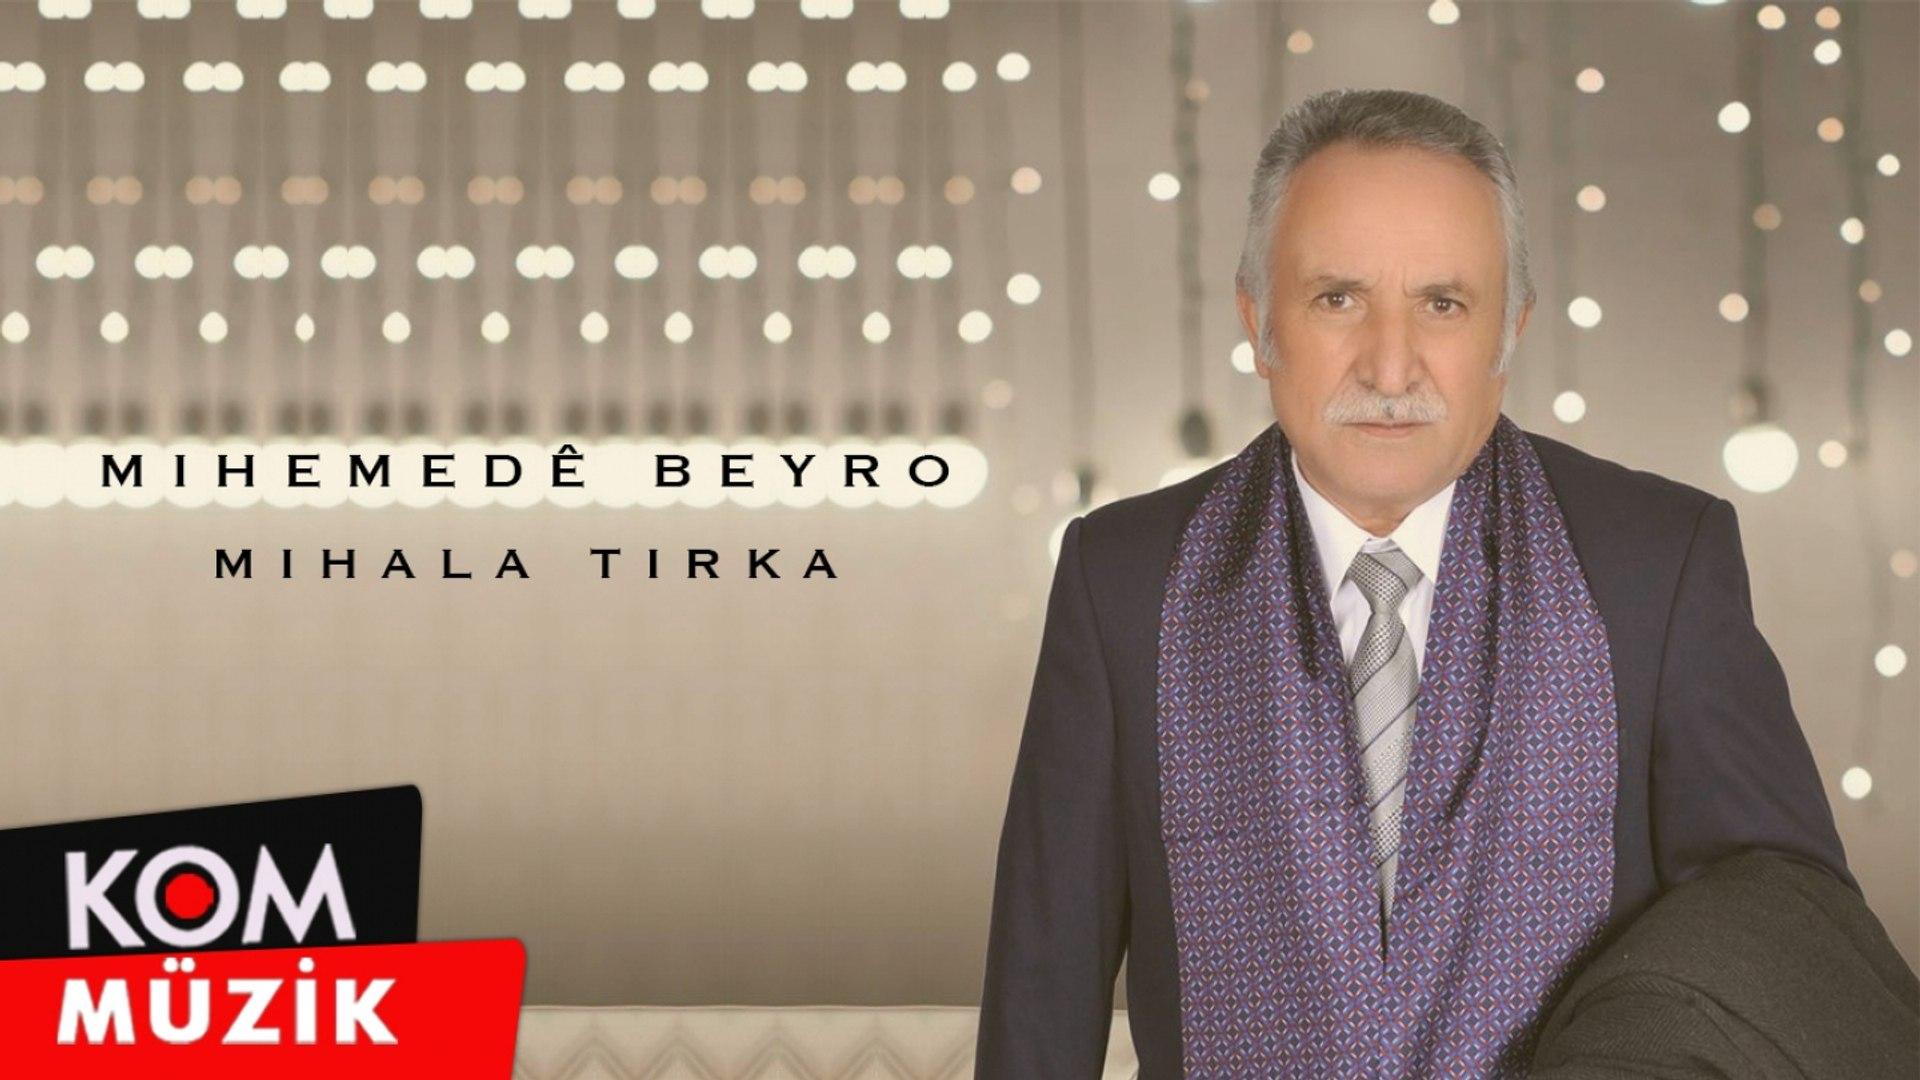 Mihemedê Beyro - Mihala Tirka (2020 © Kom Müzik)